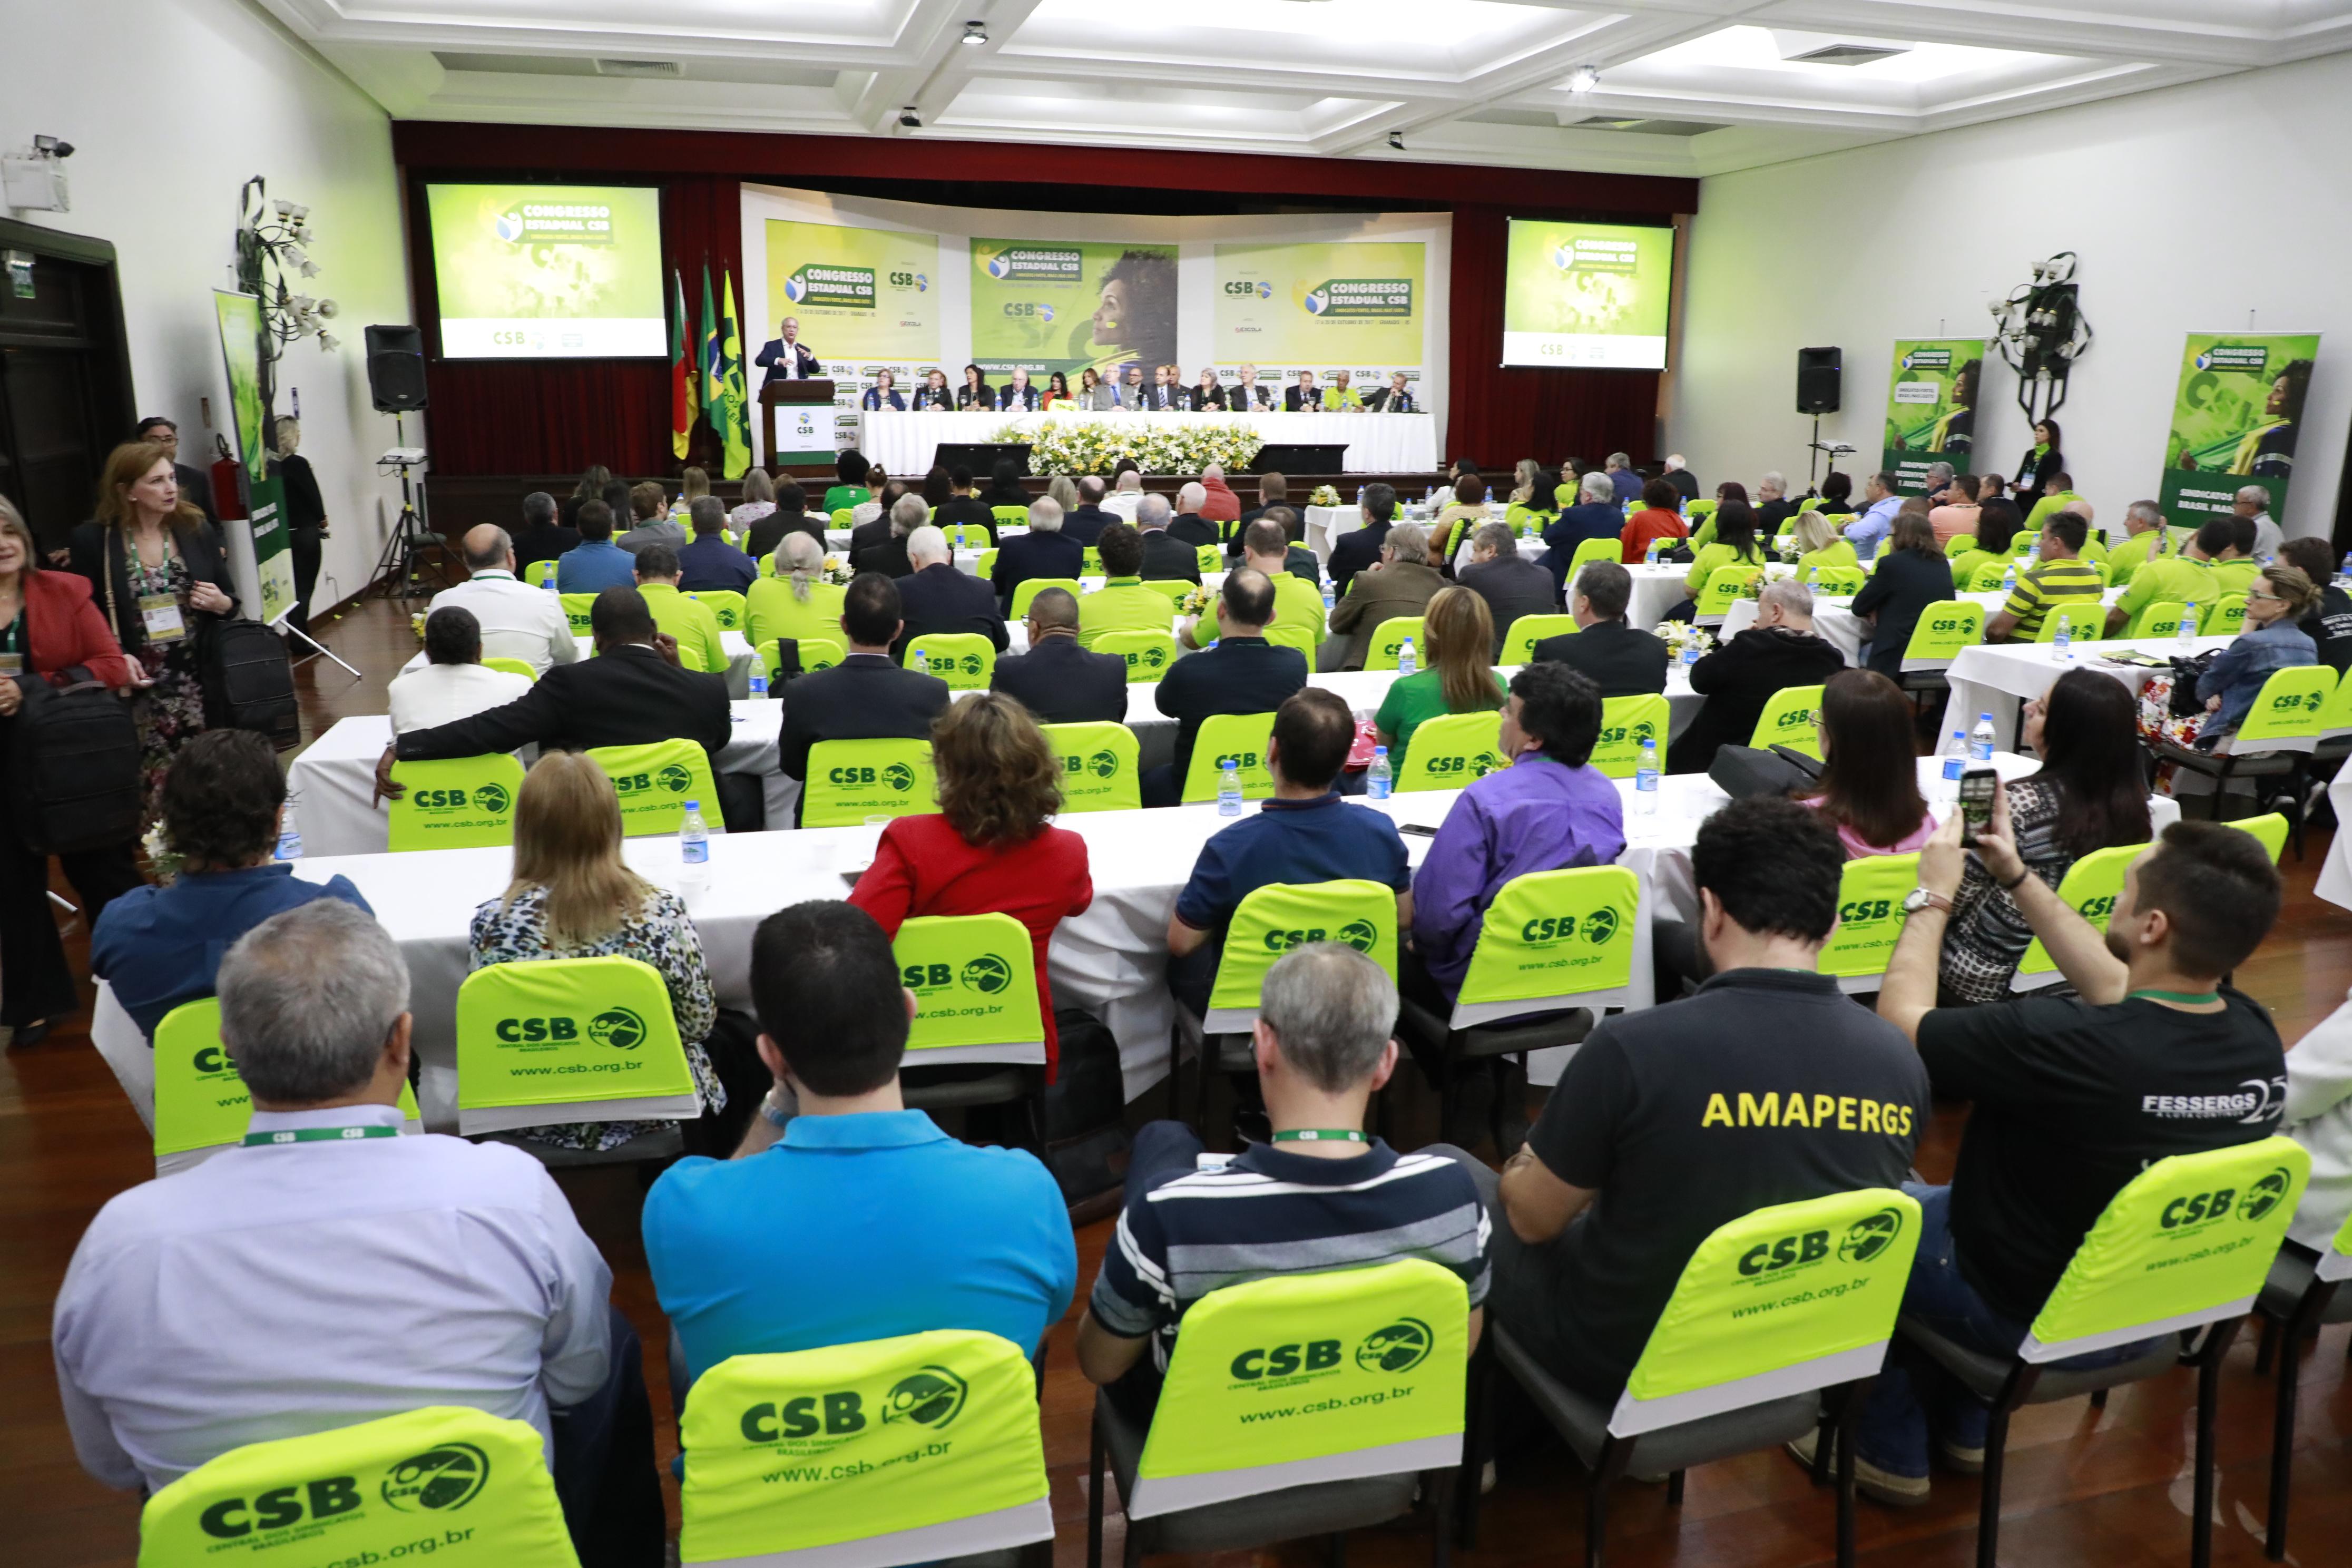 O Brasil precisa se livrar da dependência estrangeira, defende Ciro Gomes